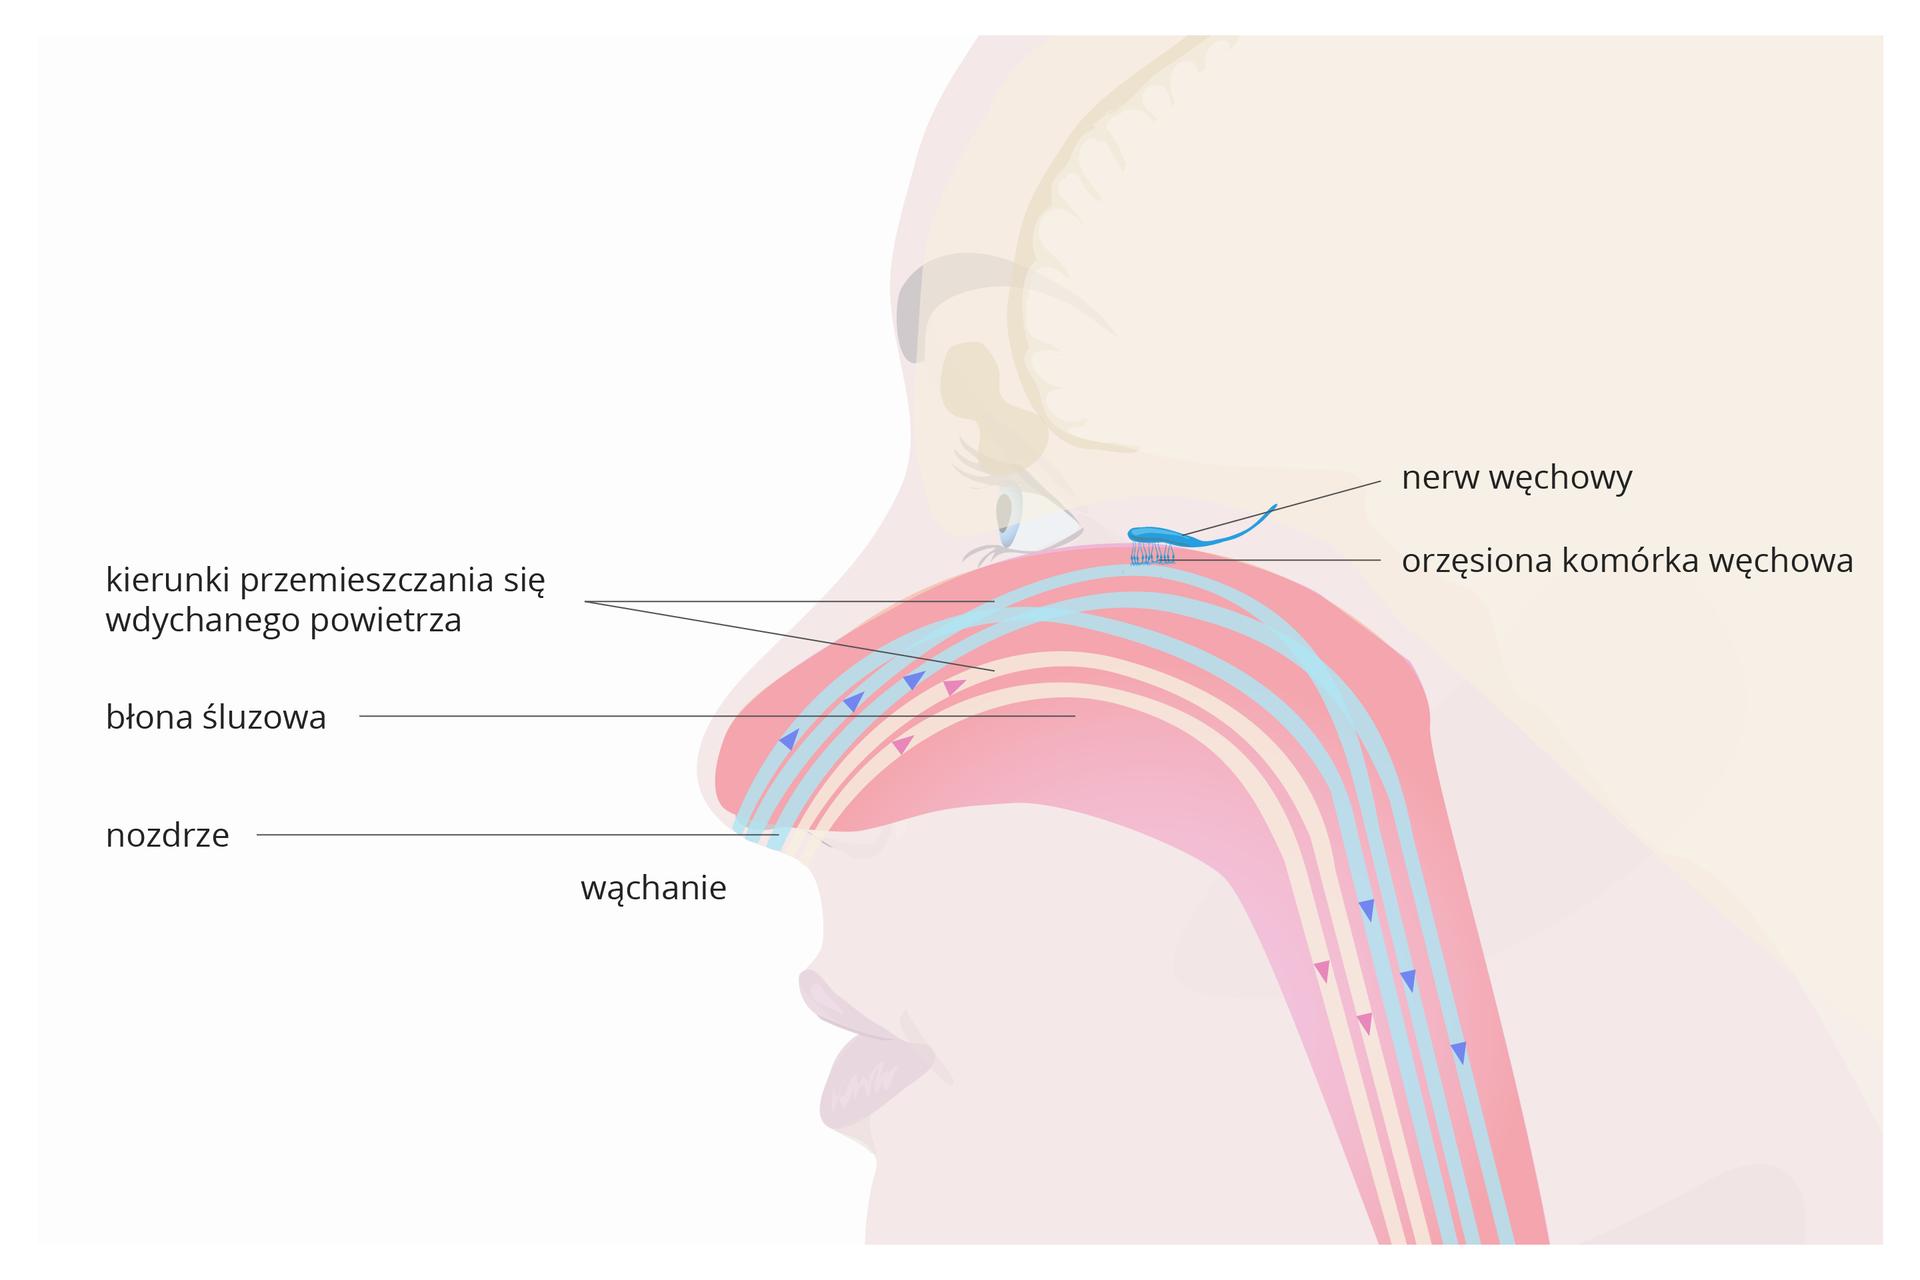 Ilustracja przedstawia delikatną sylwetkę twarzy profilem. Wrysowana różowa jama nosowa, pokryta błoną śluzową. Zlewej przy nozdrzu napis: wąchanie. Niebieskie iróżowe strzałki ipaski oznaczają kierunki przemieszczania się wdychanego powietrza. Ugóry jamy nosowej turkusowy podłużny nerw węchowy iorzęsiona opuszka węchowa.